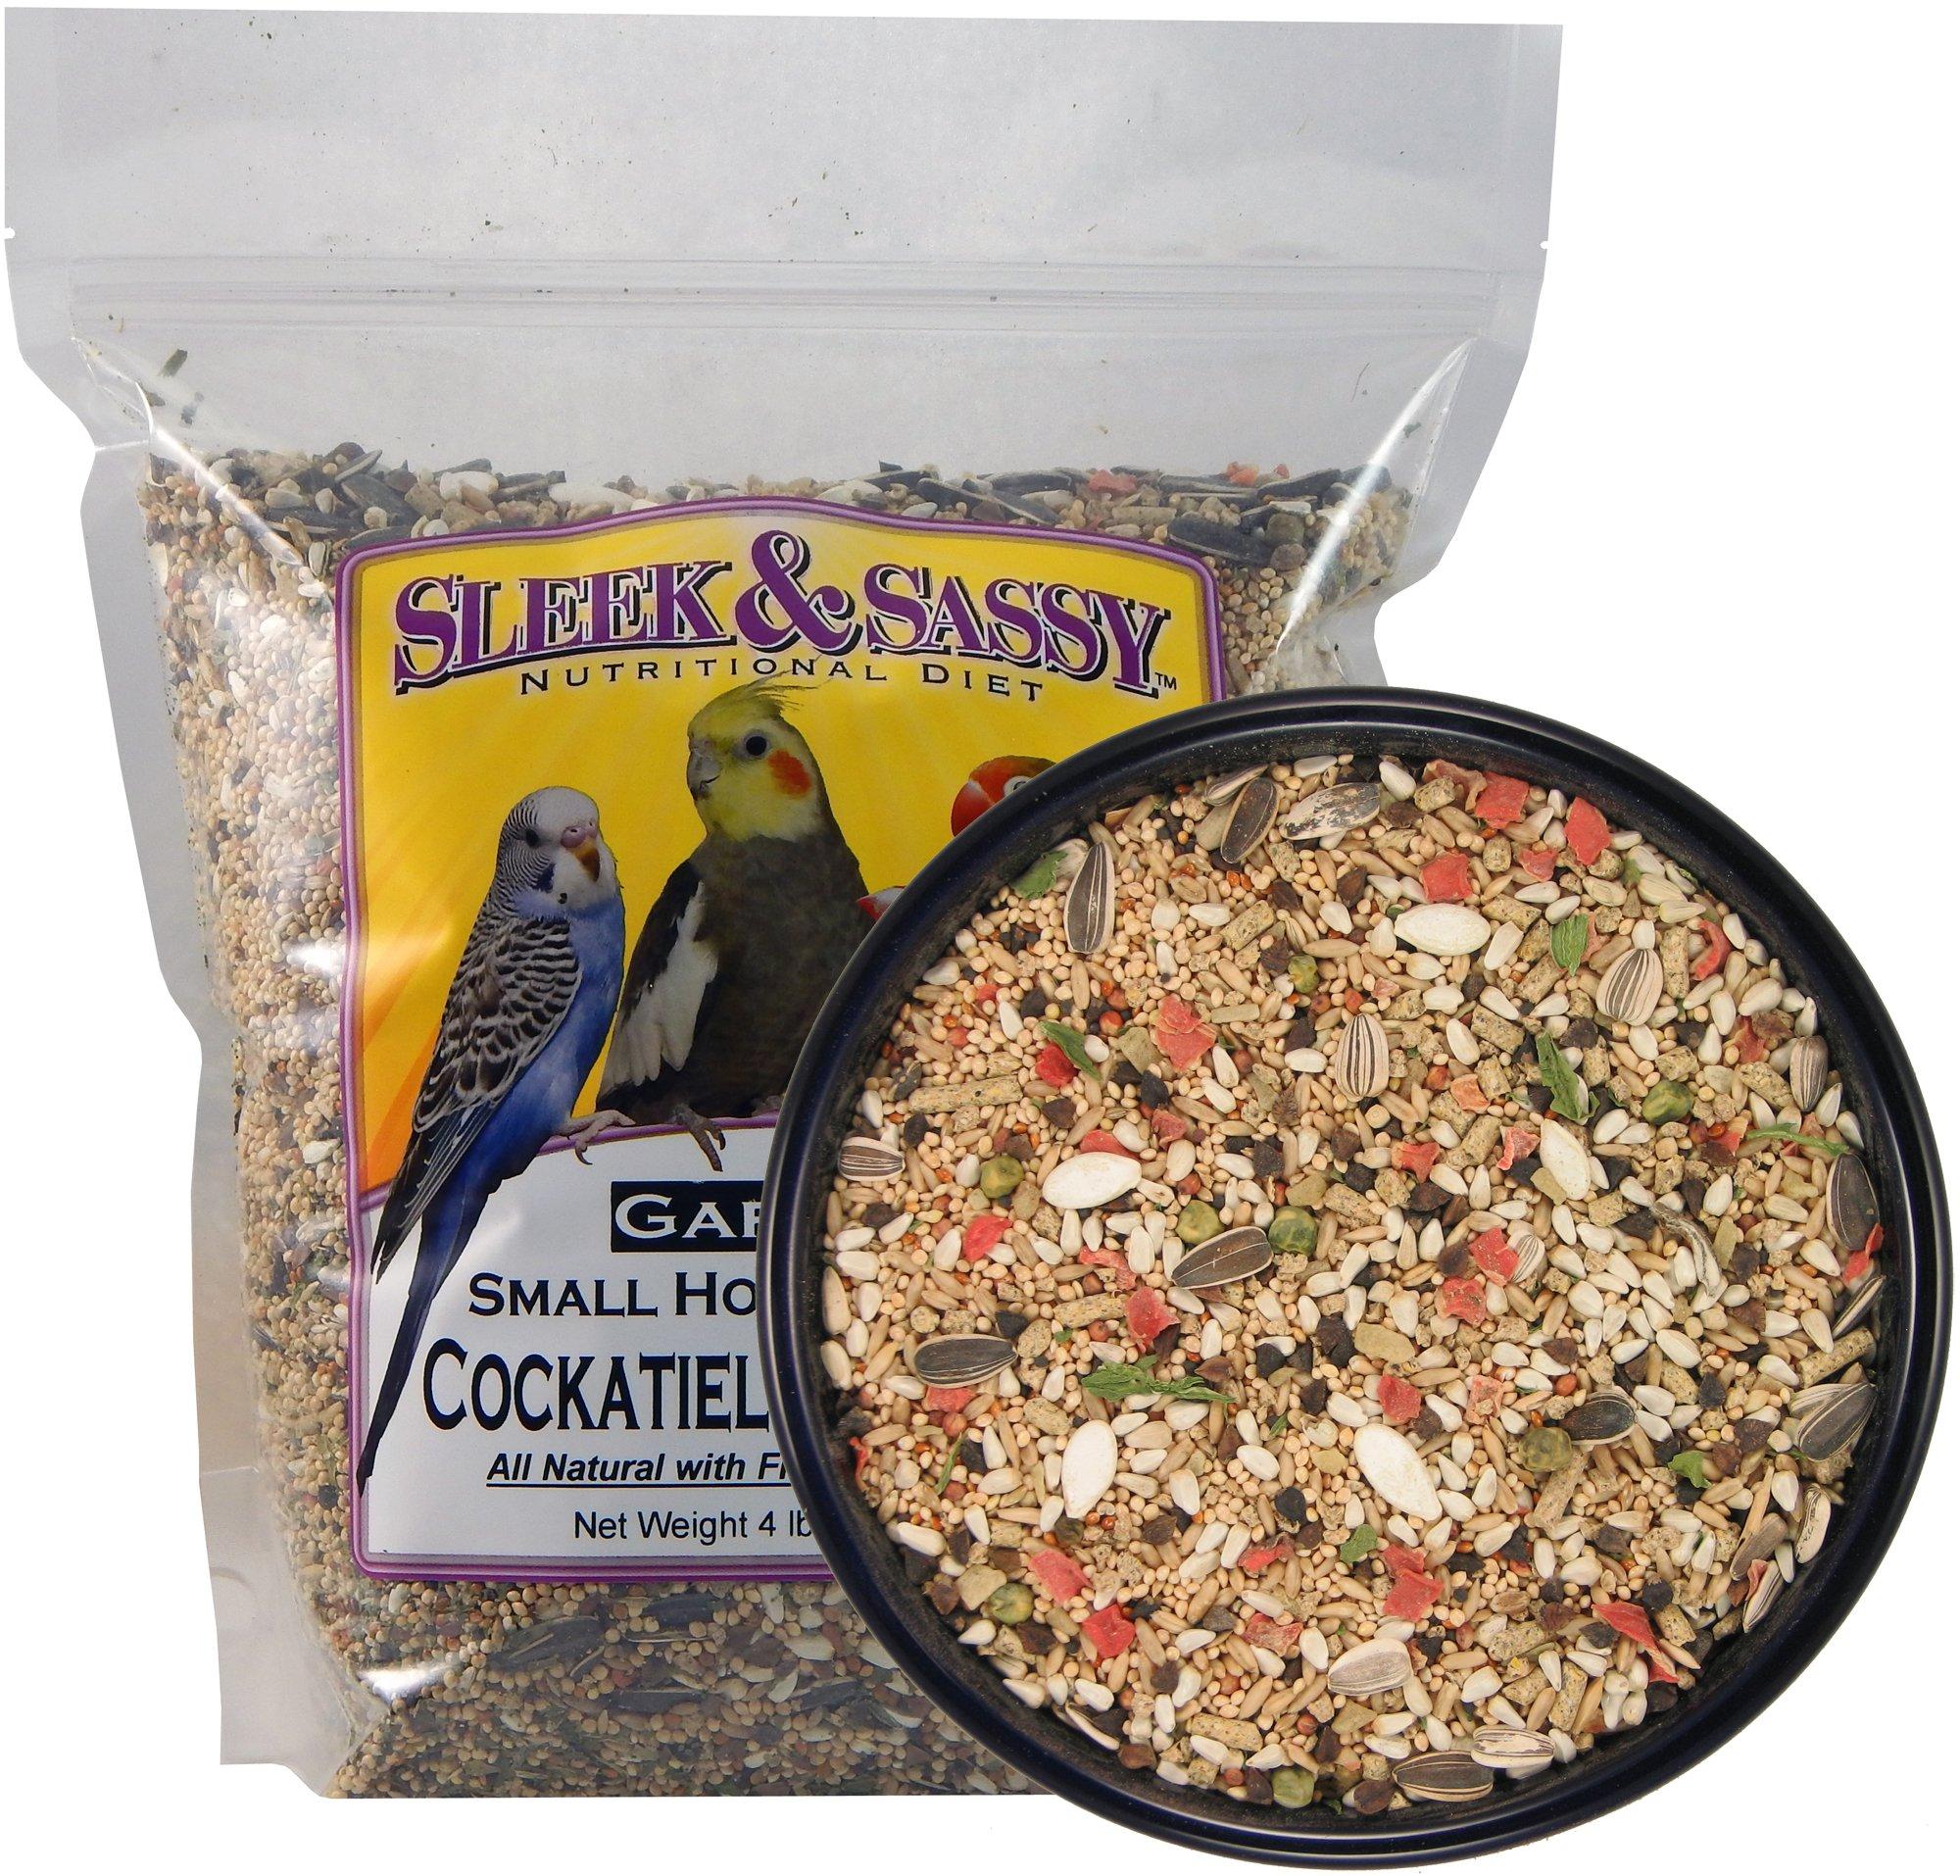 Sleek & Sassy Garden Small Hookbill Bird Food for Cockatiels, Lovebirds, Quaker Parrots & Small Conures (4 lbs.) by Sleek & Sassy